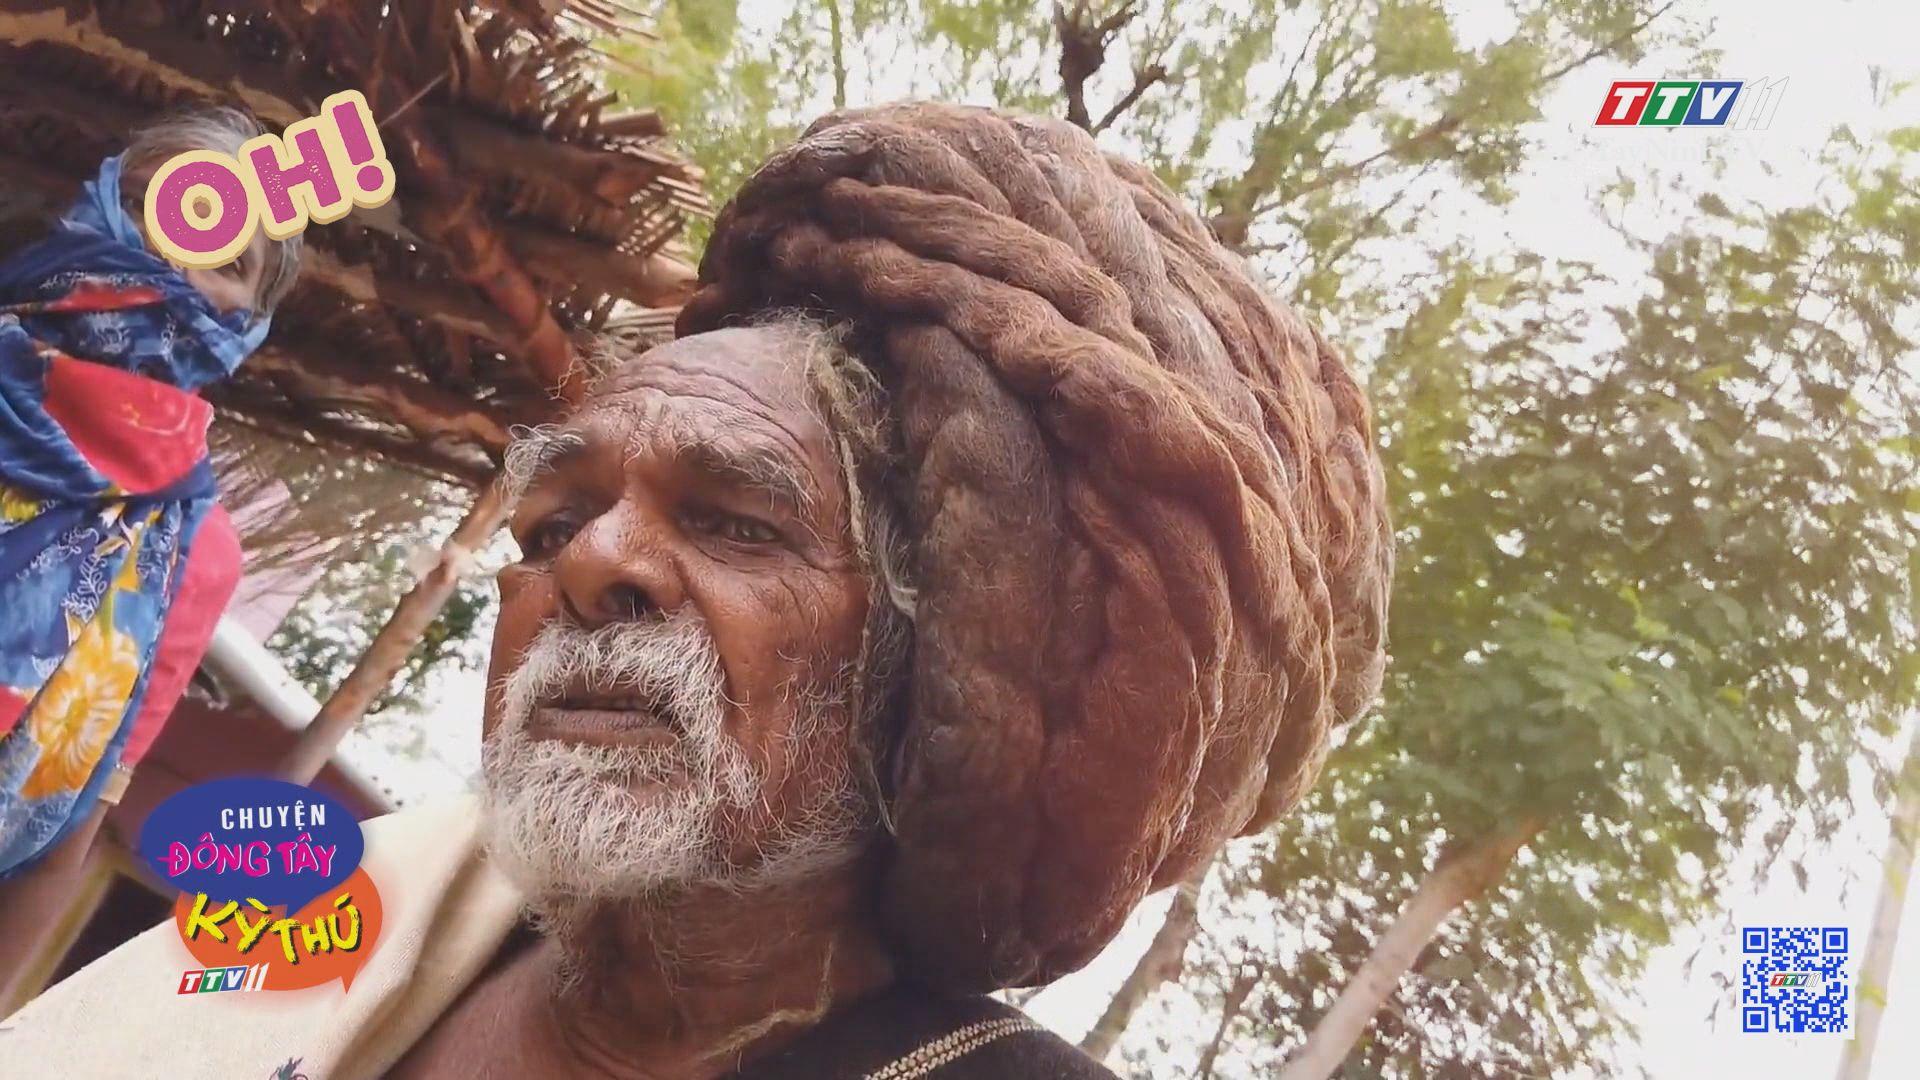 Kỳ thú cuộc đua xe tuk tuk địa hình ở Sri Lanka | CHUYỆN ĐÔNG TÂY KỲ THÚ | TayNinhTVE